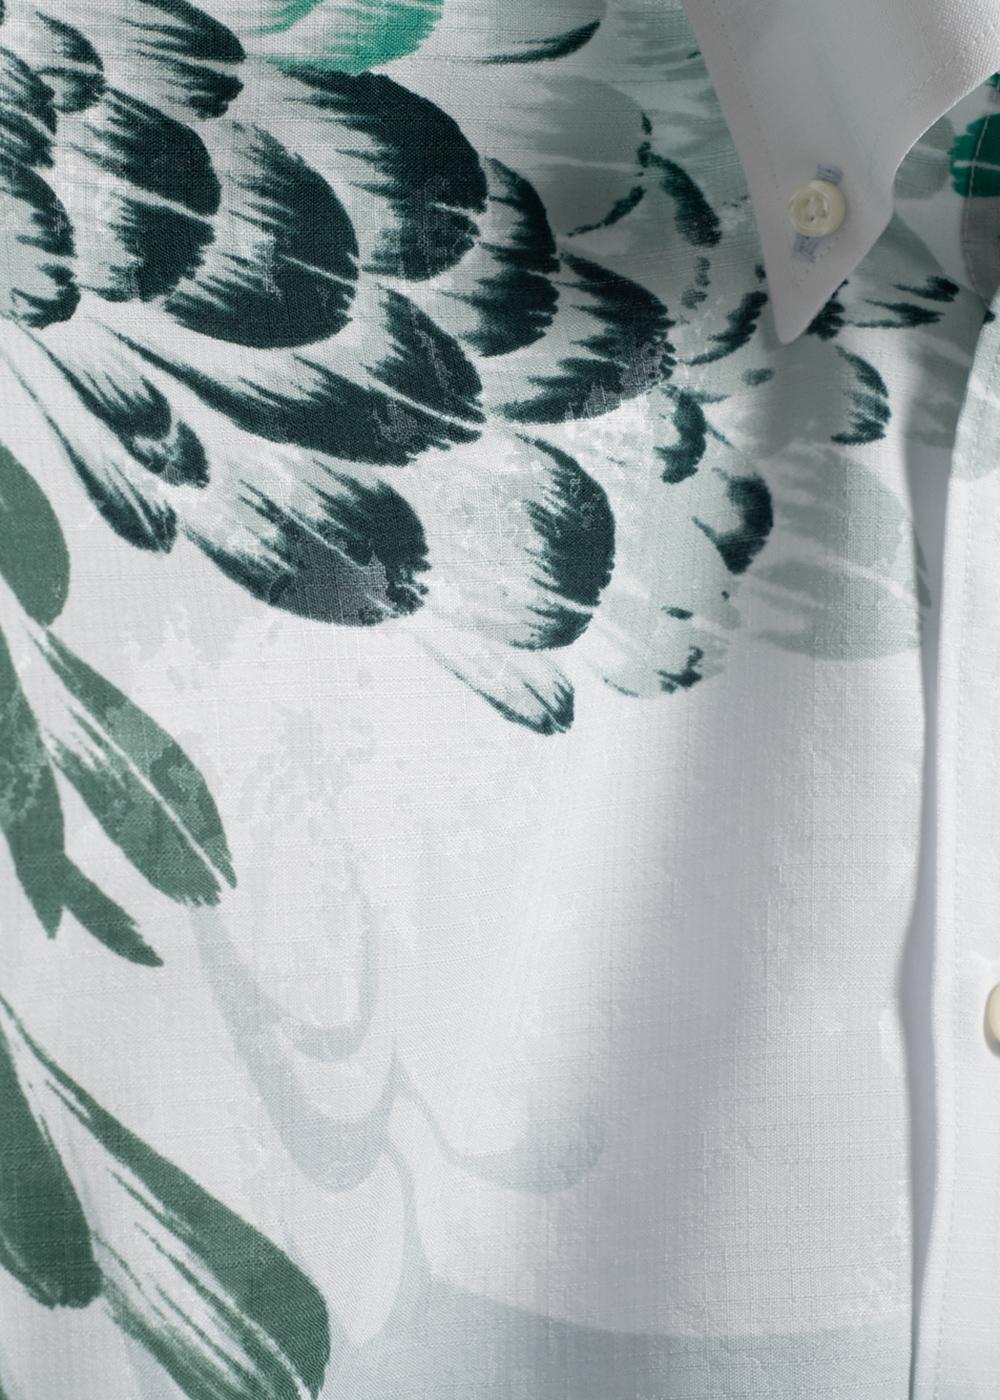 かりゆしウェア(沖縄版アロハシャツ) MAJUN - リバージェダイト